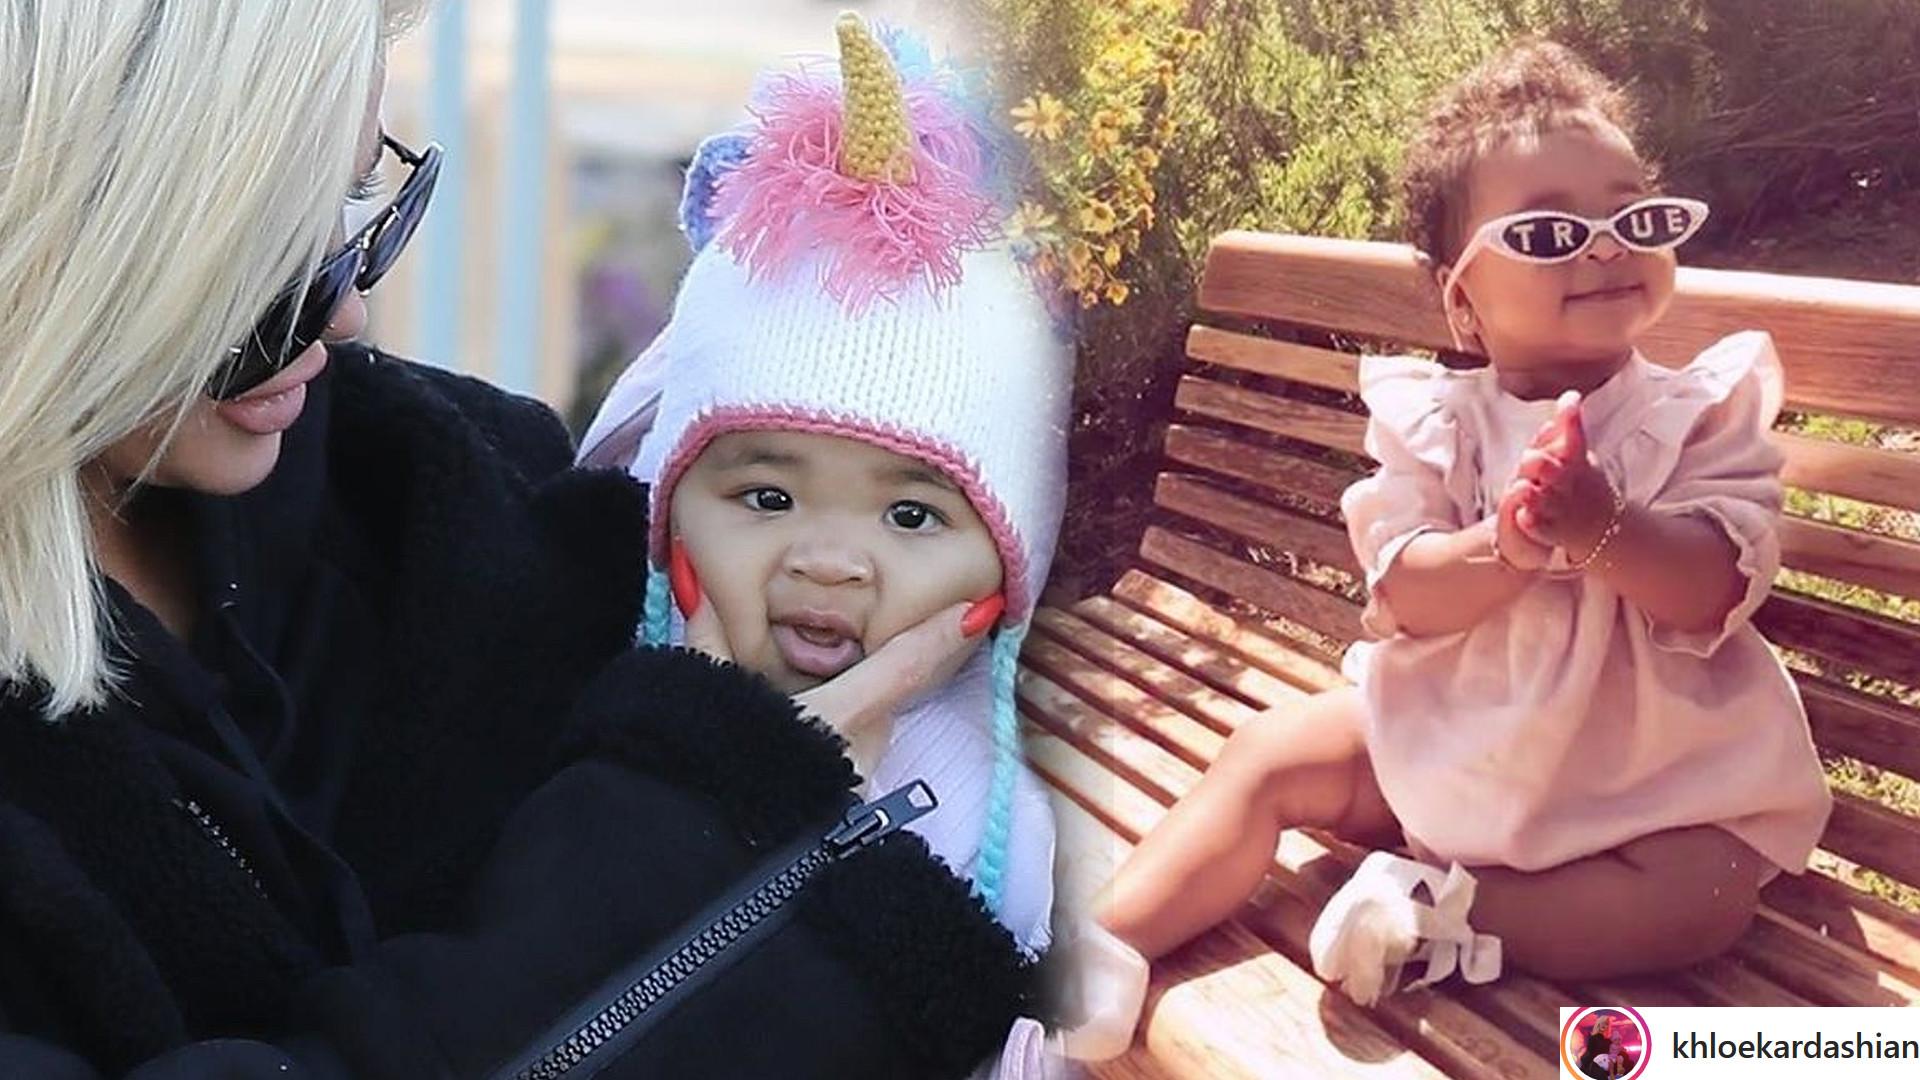 Córka Khloe Kardashian, True skończyła ROK! Tak się zmieniła (ZDJĘCIA)